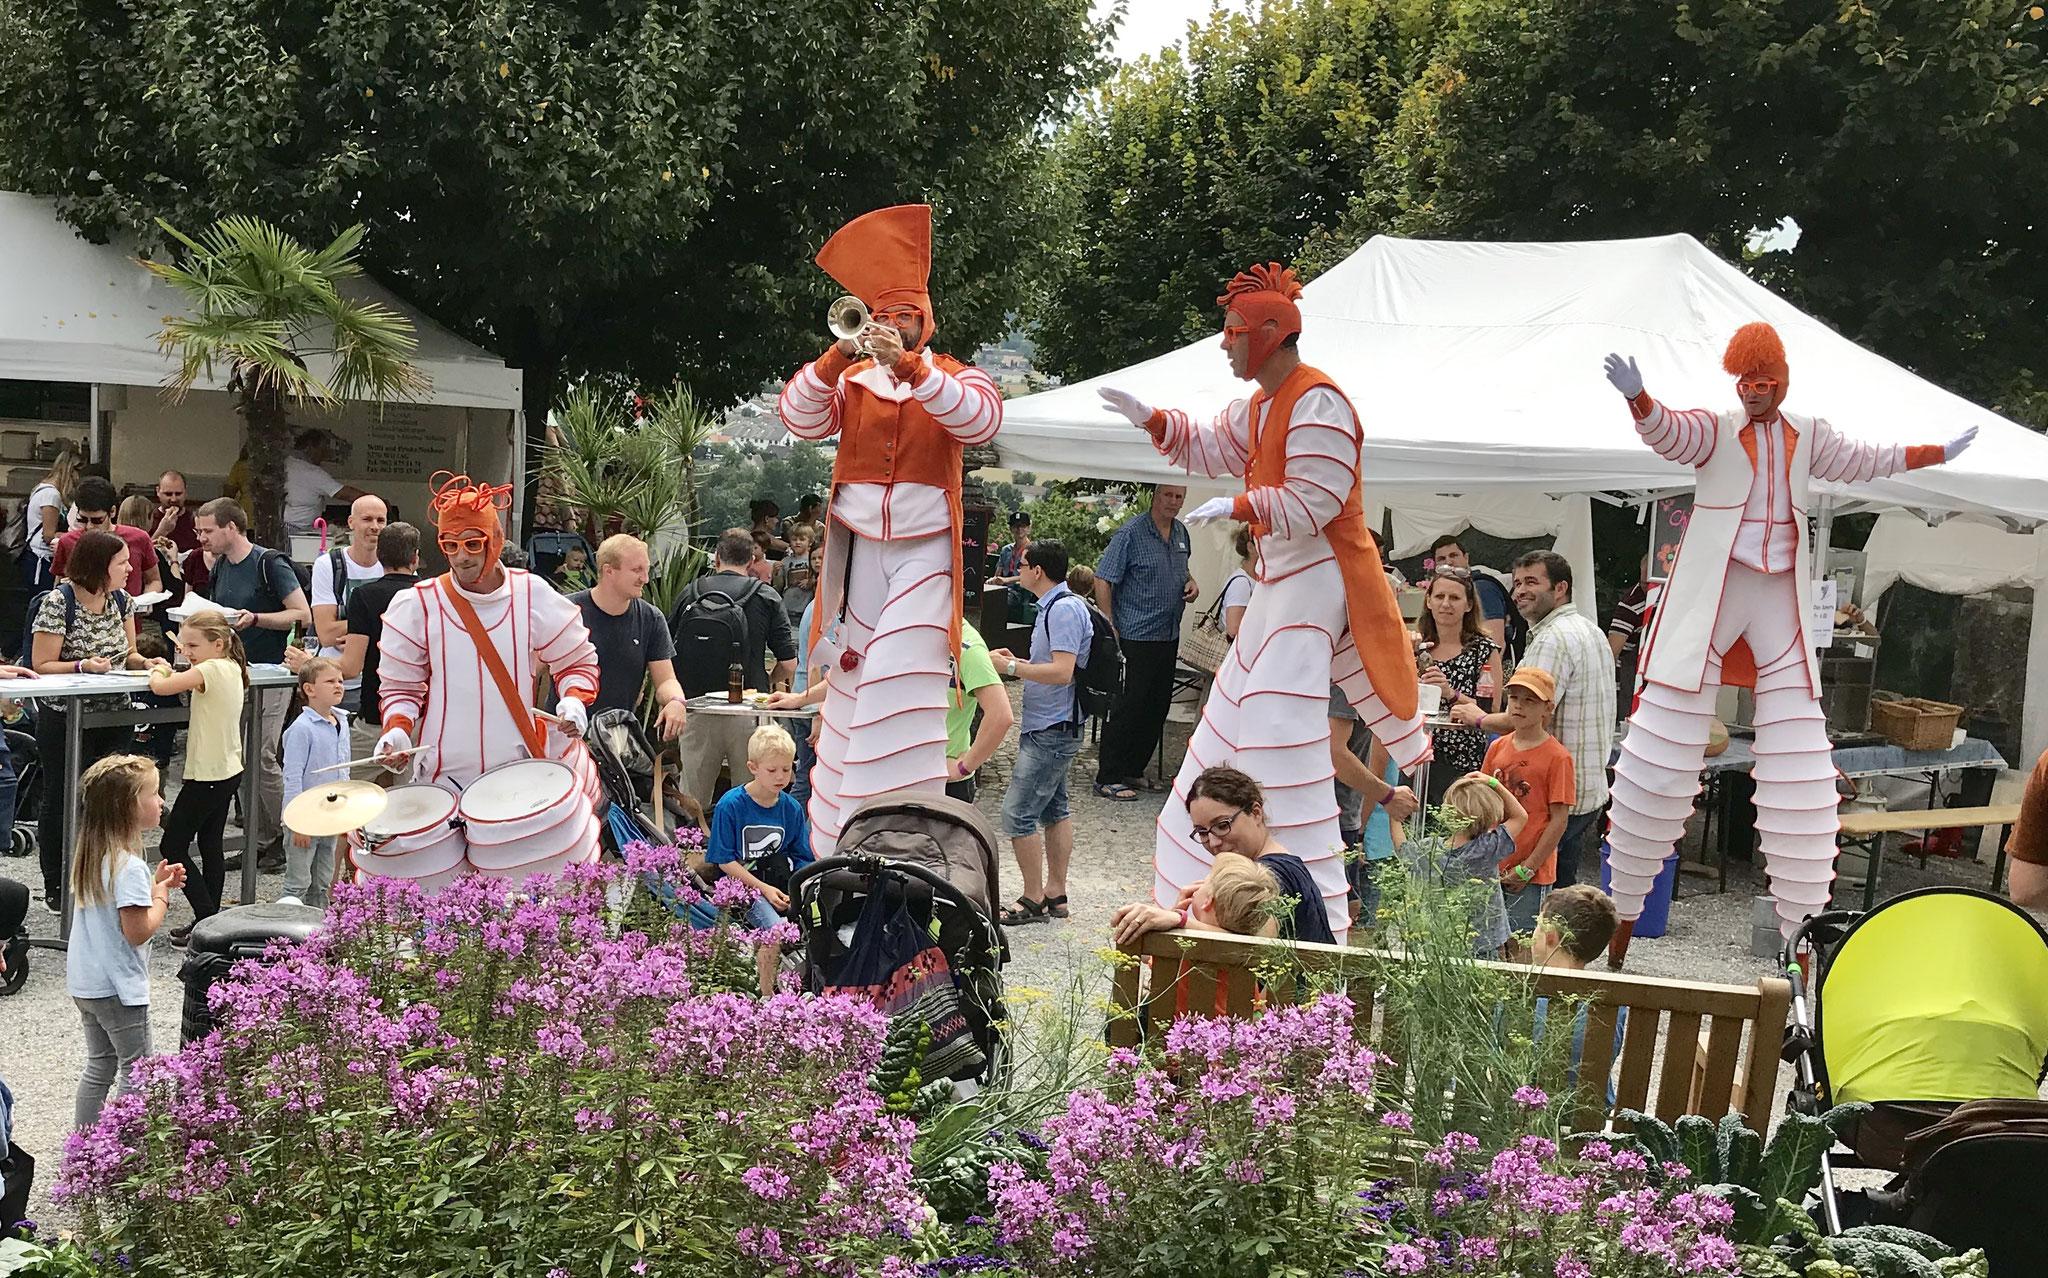 Schloss-Festival 2019